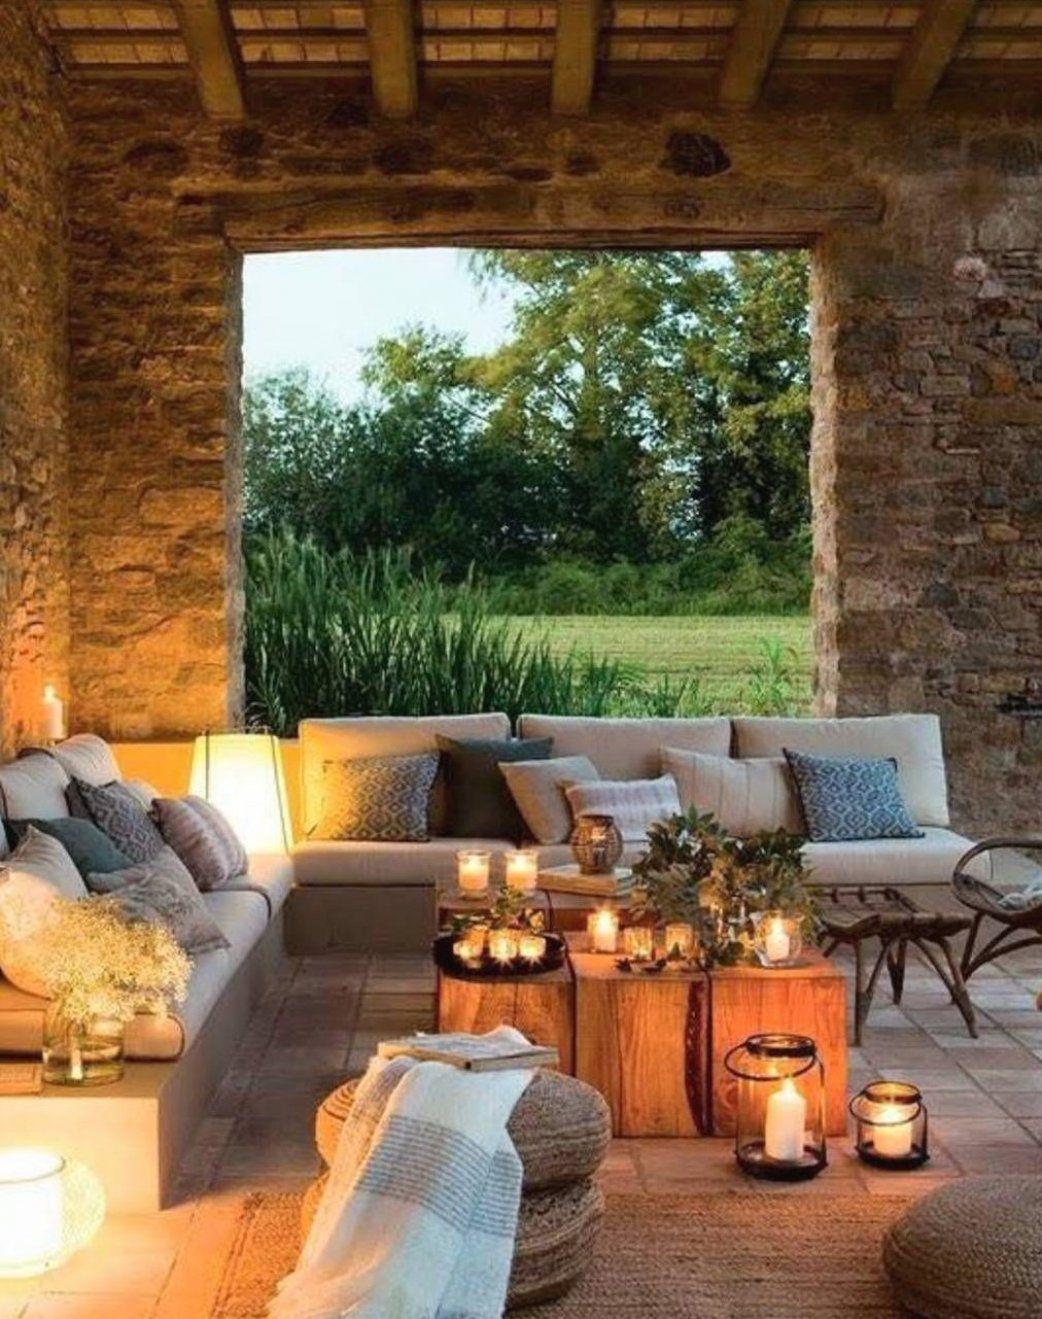 Moderne Wohnzimmer Von Estudio 60 75 Gartendesign Garten Moderngarten Outdoor Living Spanish House Outdoor Decor